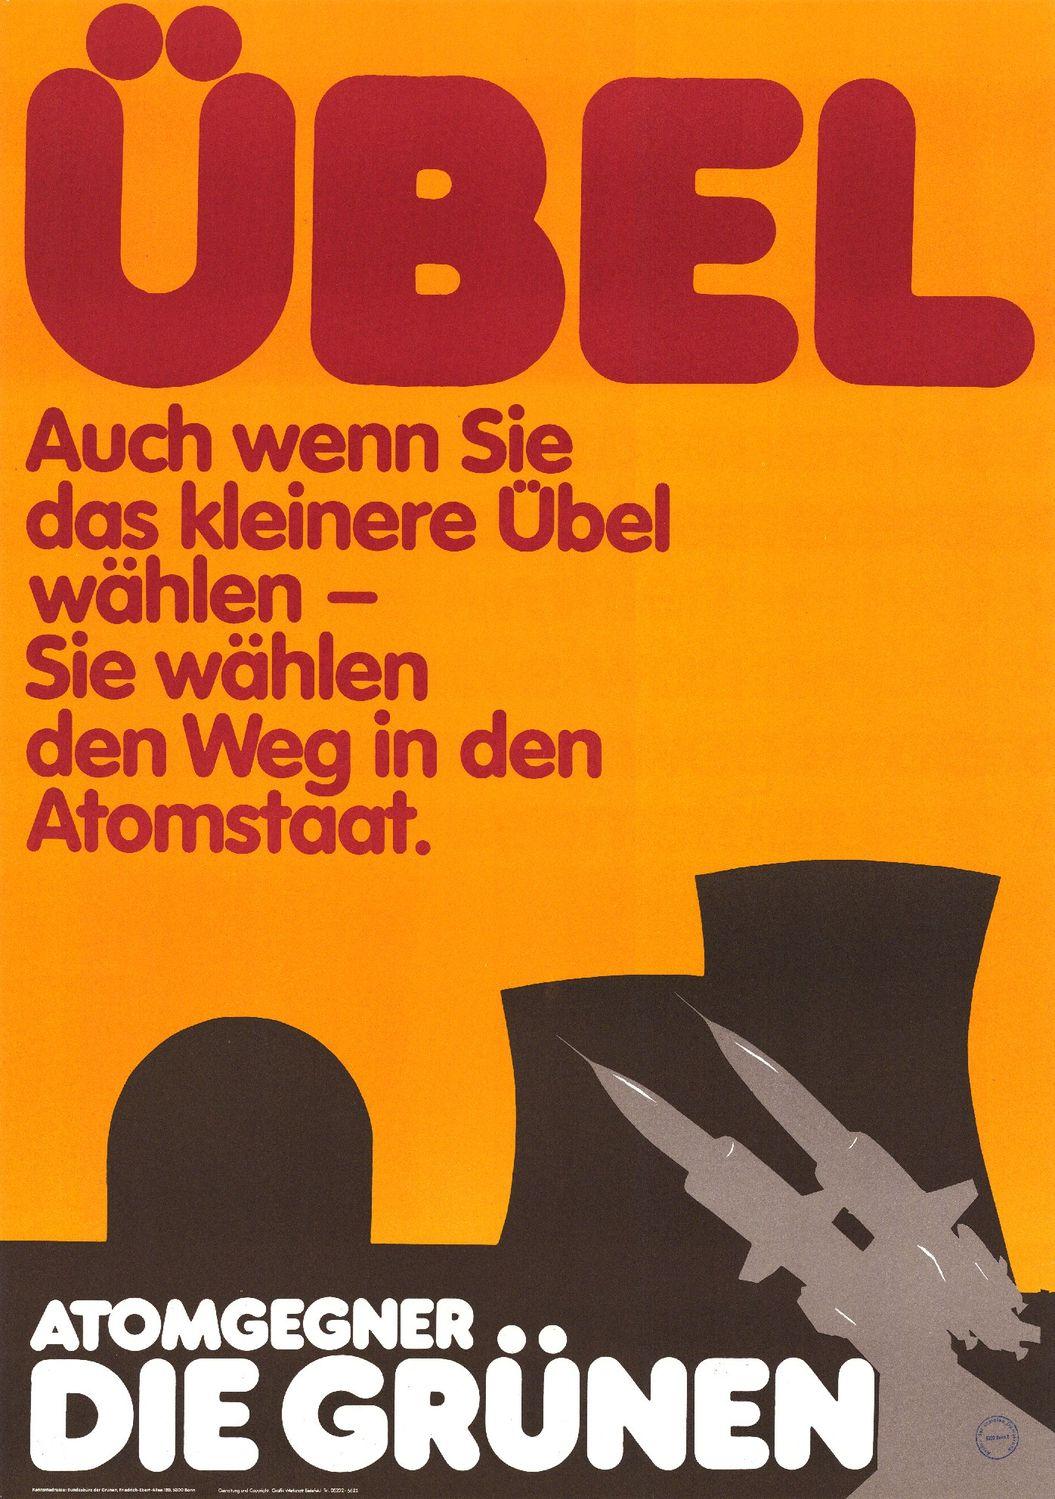 Die Grünen 1980